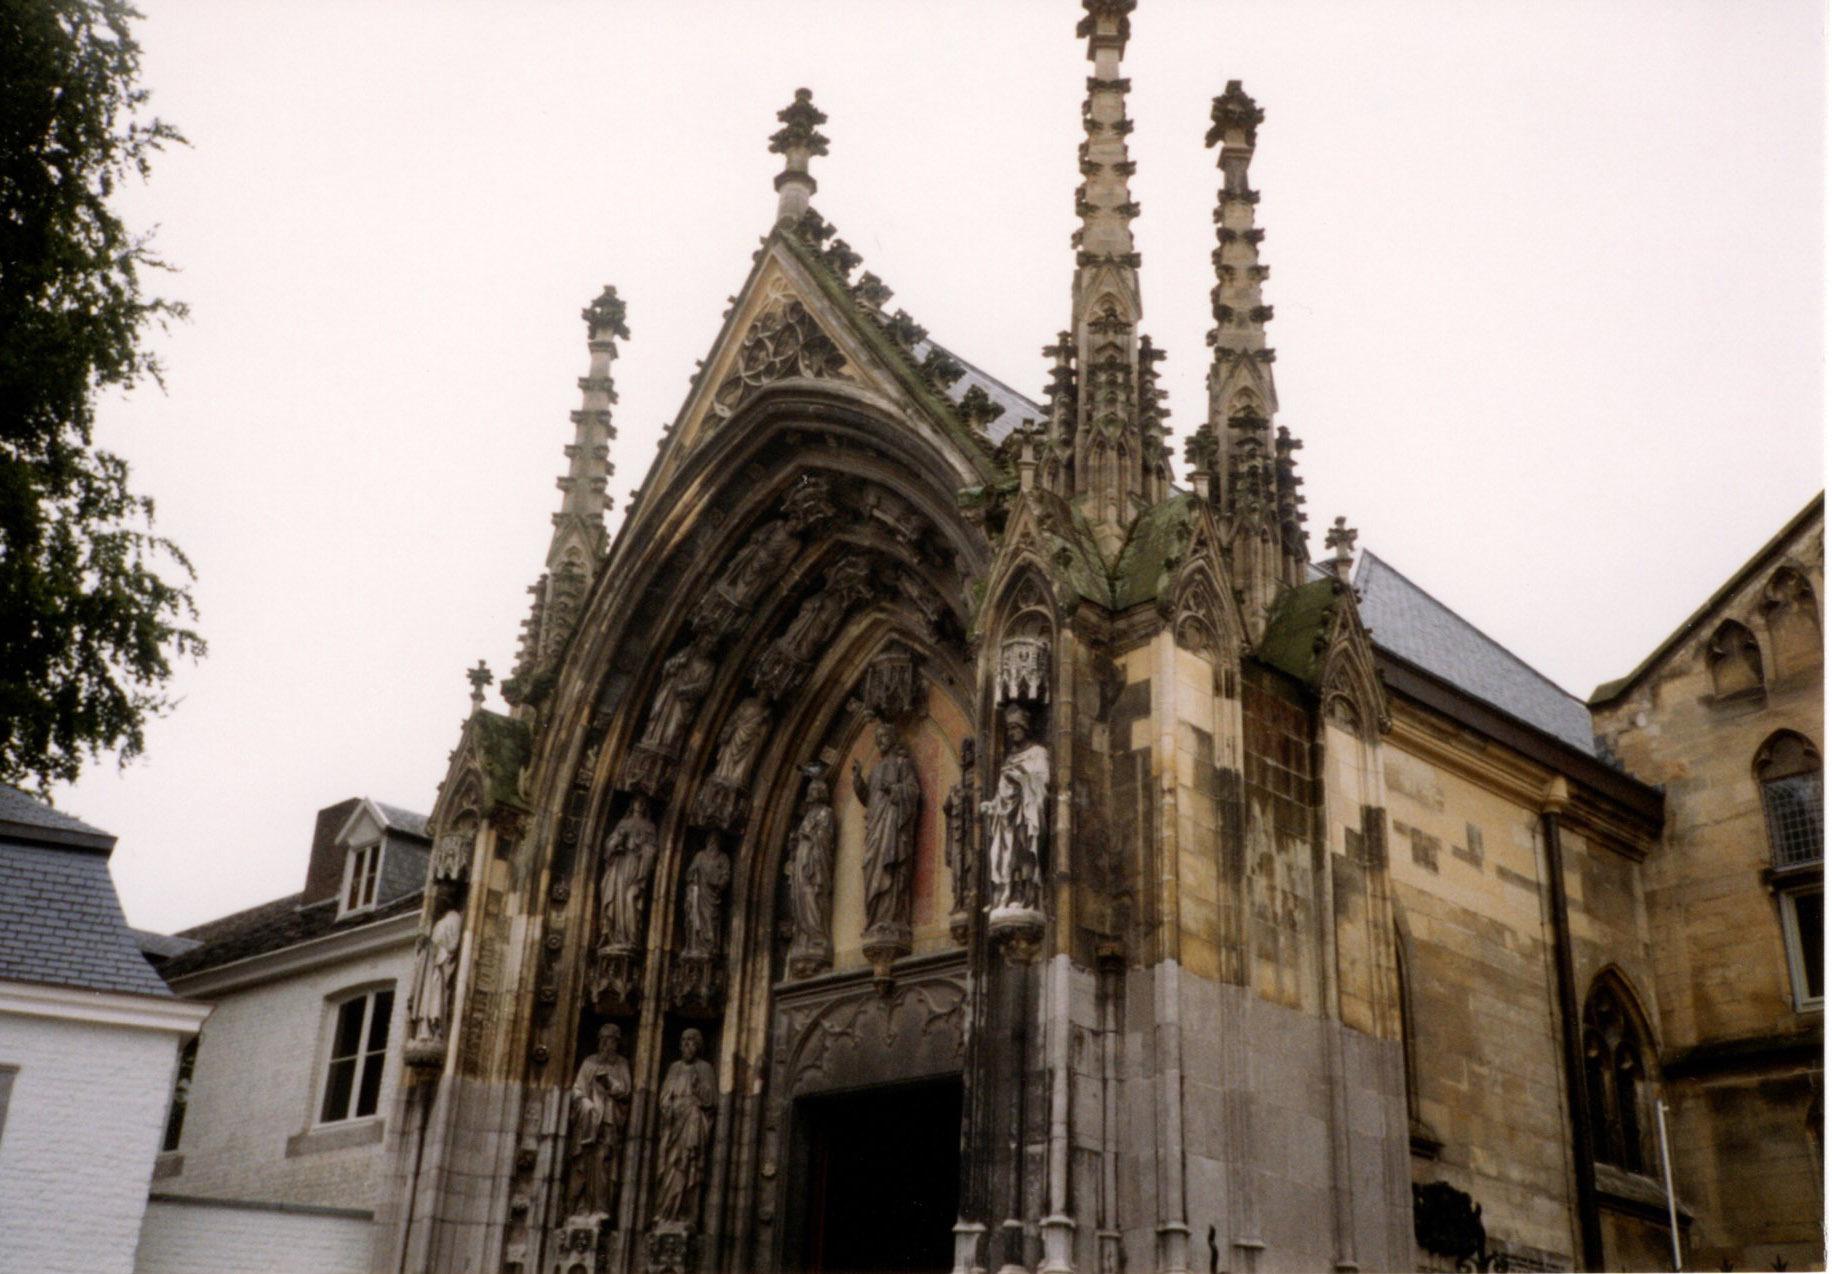 オランダ最古の町、マーストリヒト_d0193569_07572177.jpg